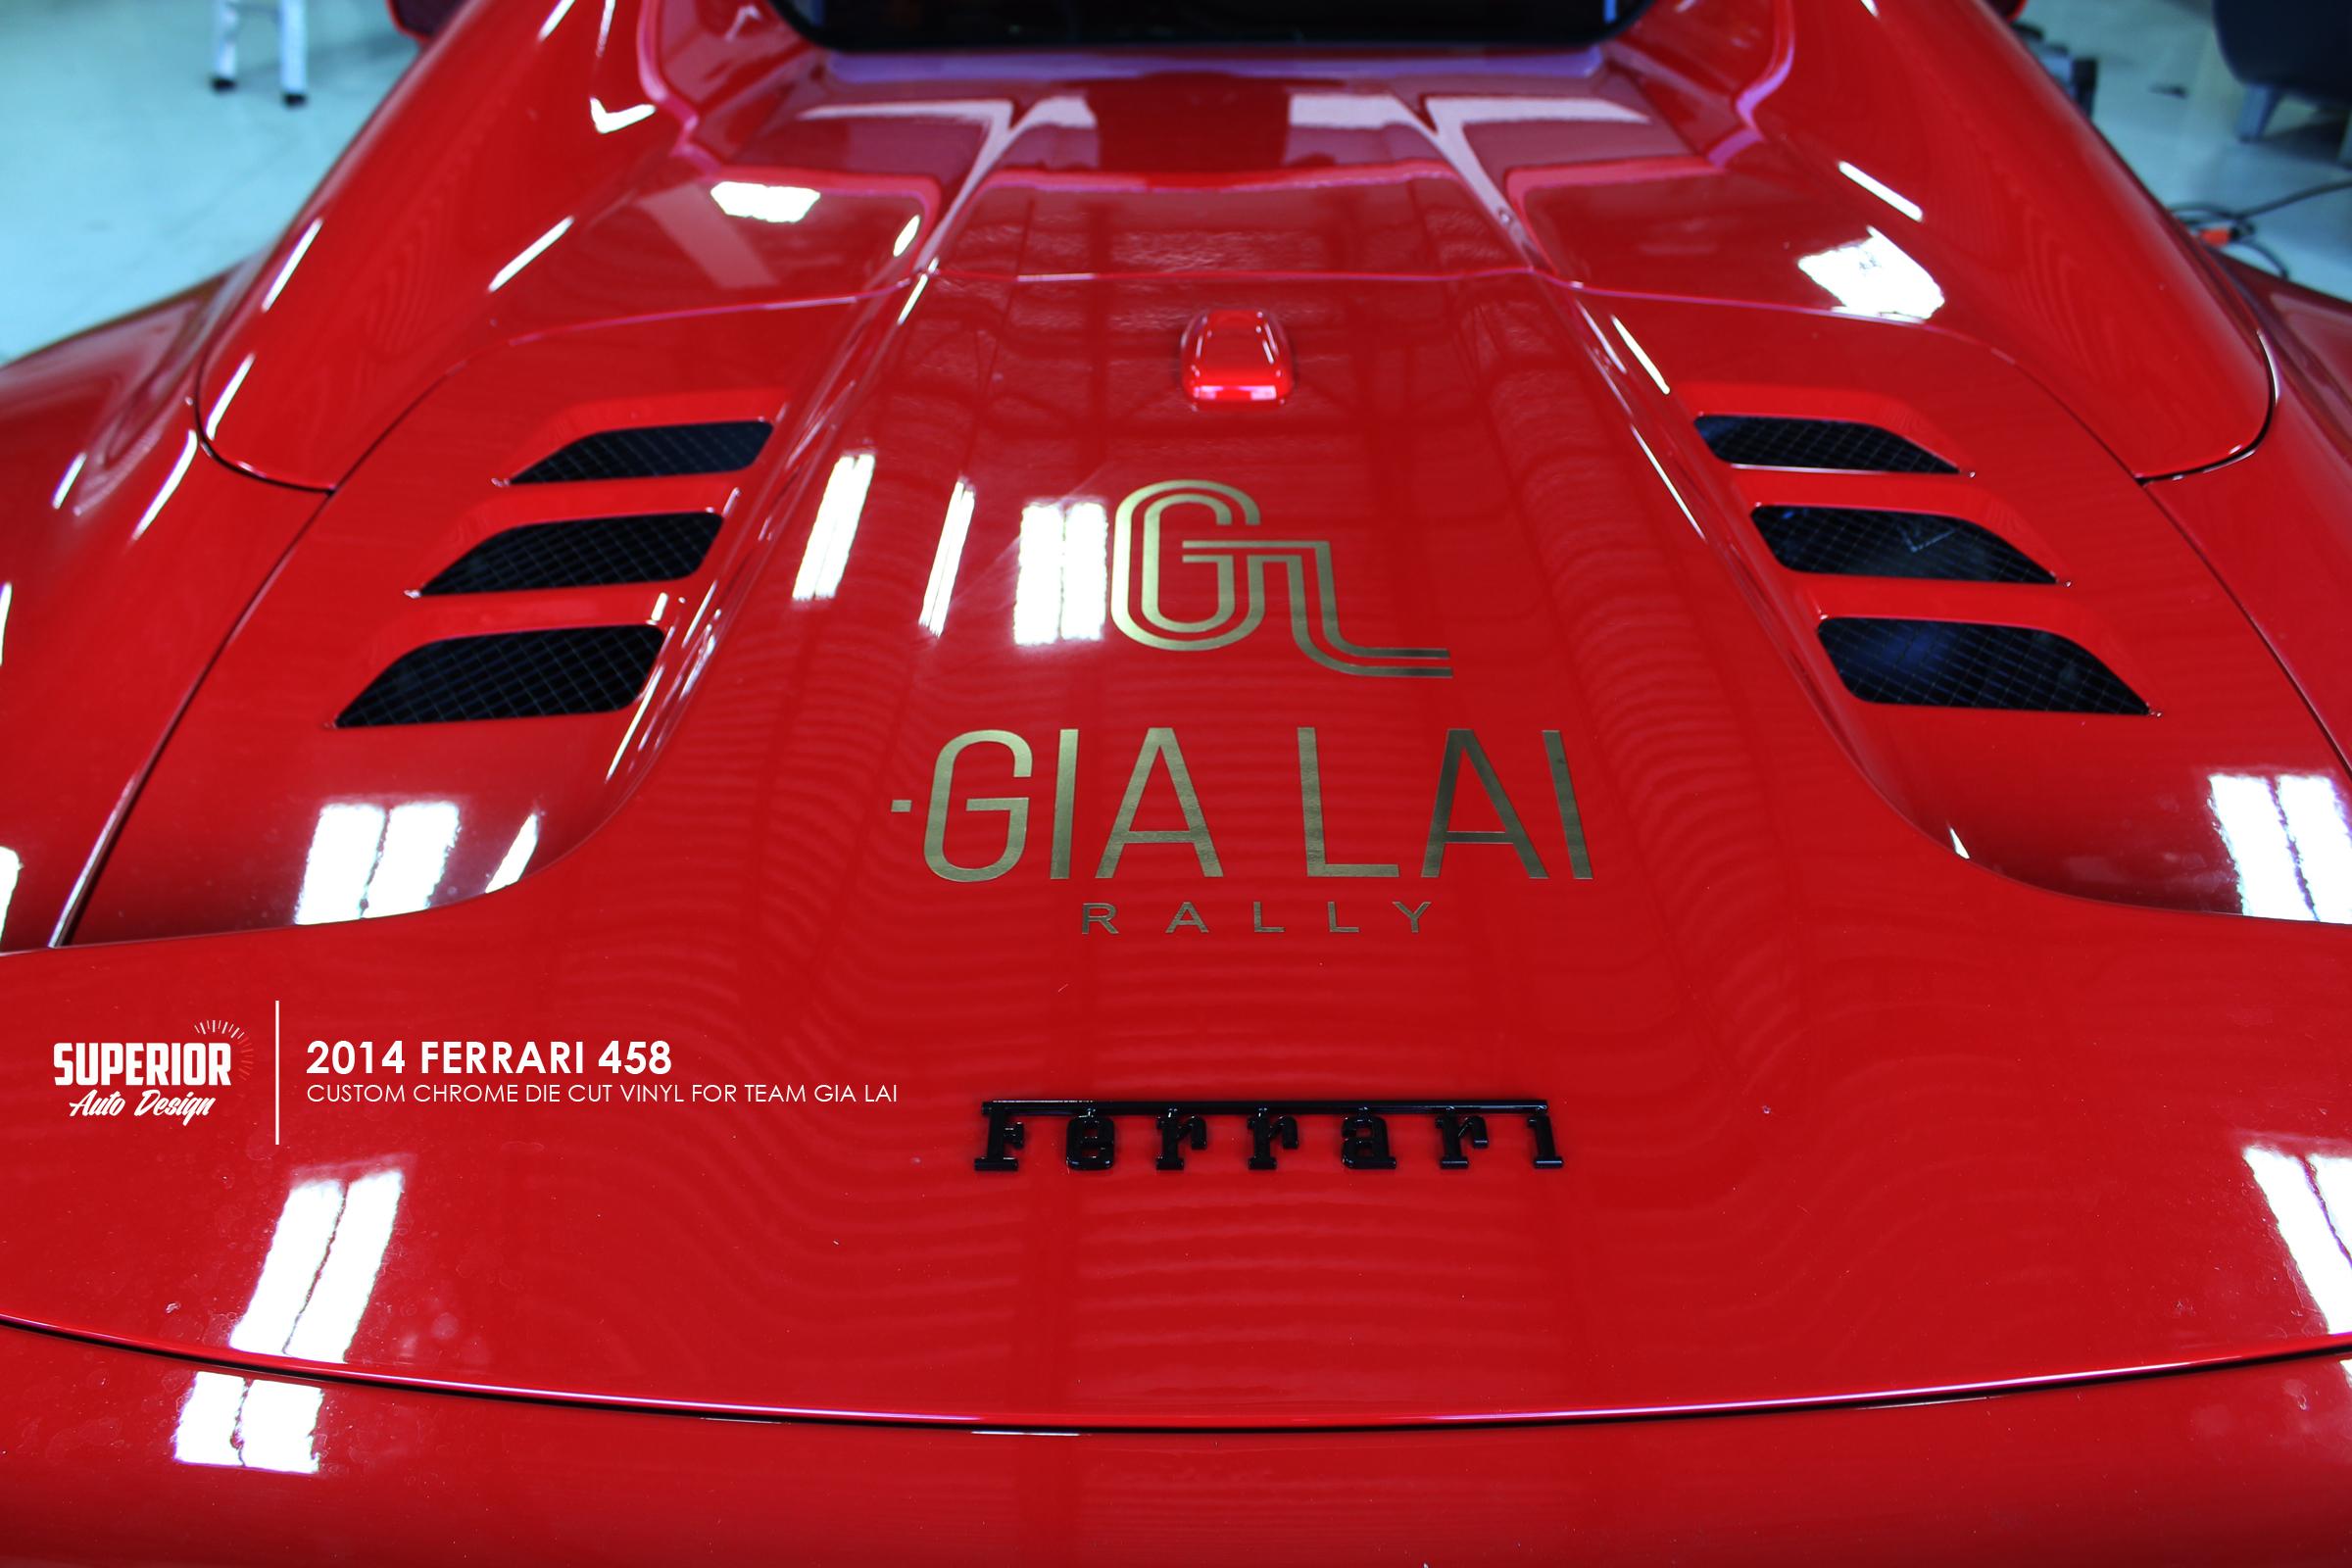 ferrari-458-gialai-superior-auto-design-1